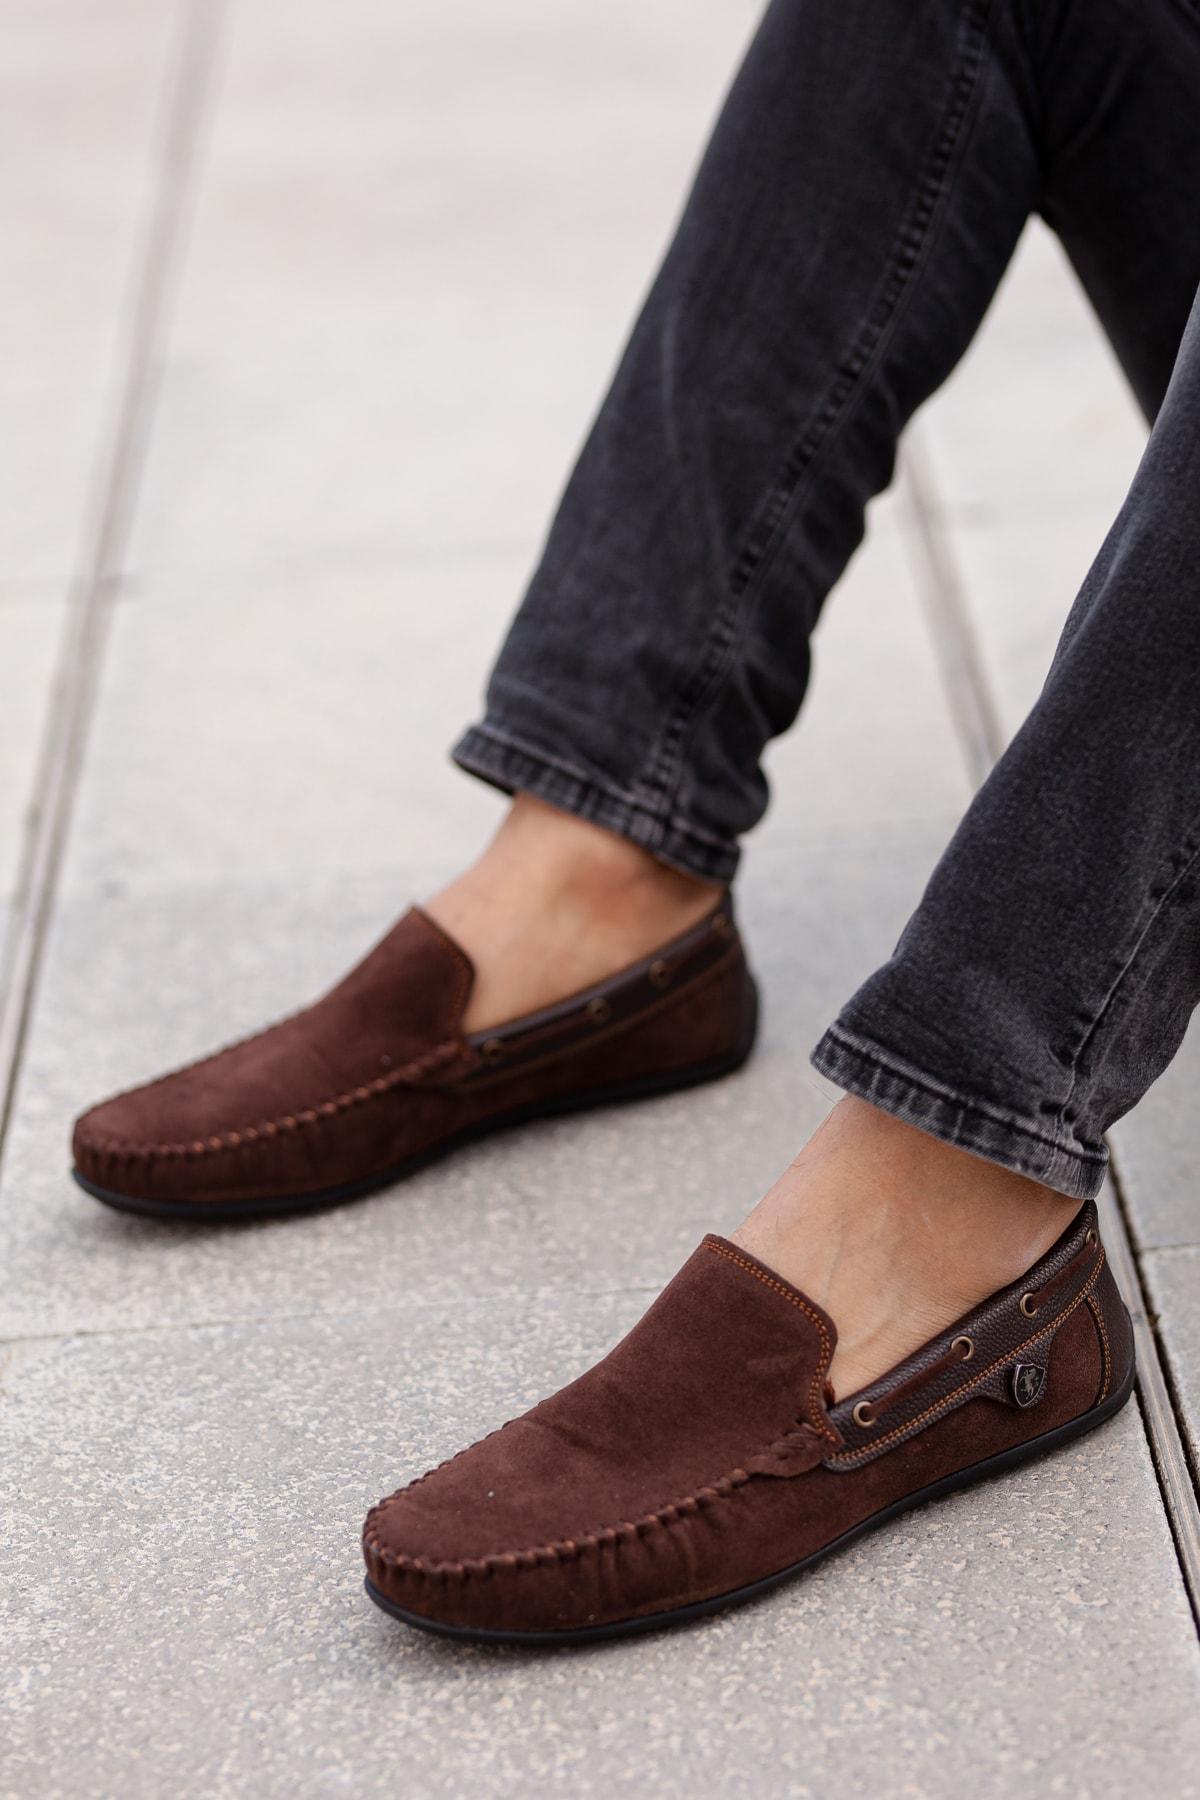 MUGGO Kahverengi Günlük Ayakkabı M3473 Hediye 1